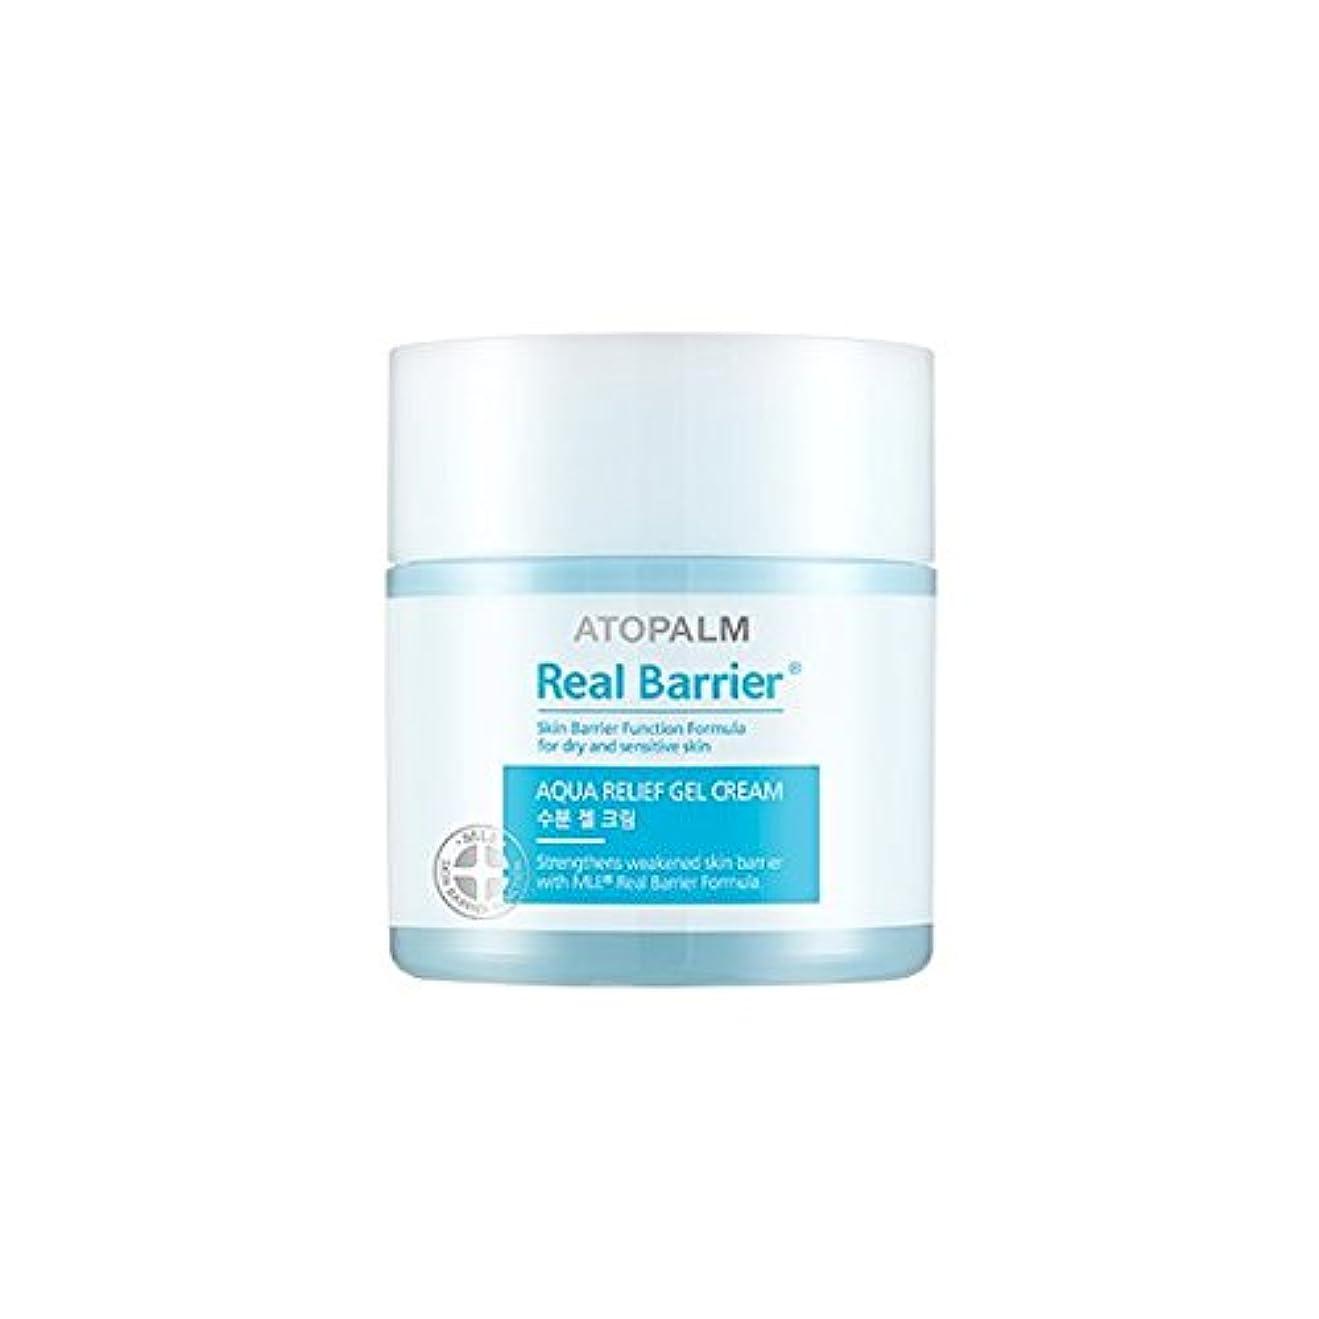 現金コーナー空白ATOPALM Real Barrier Aqua Relief Gel Cream 50ml/アトパーム リアル バリア アクア リリーフ ジェル クリーム 50ml [並行輸入品]